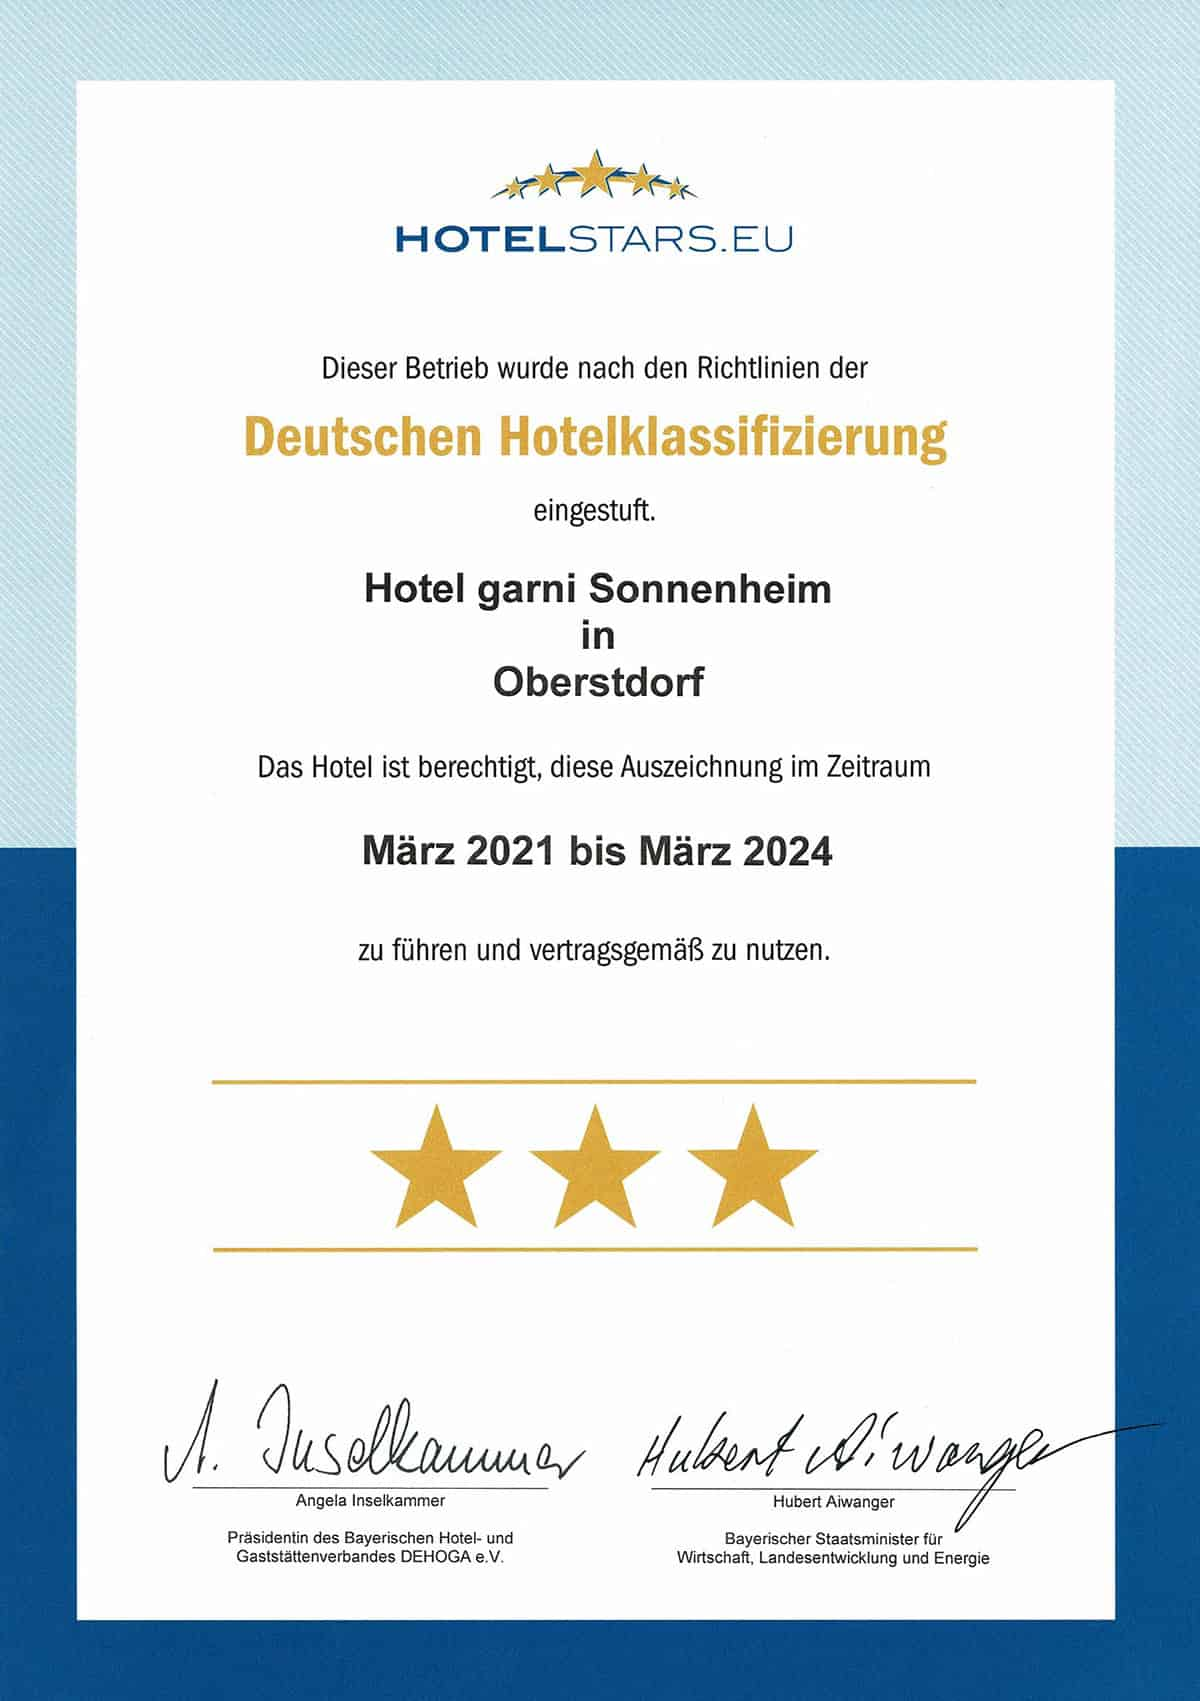 3 Sterne Hotelklassifizierung Hotel garni Sonnenheim